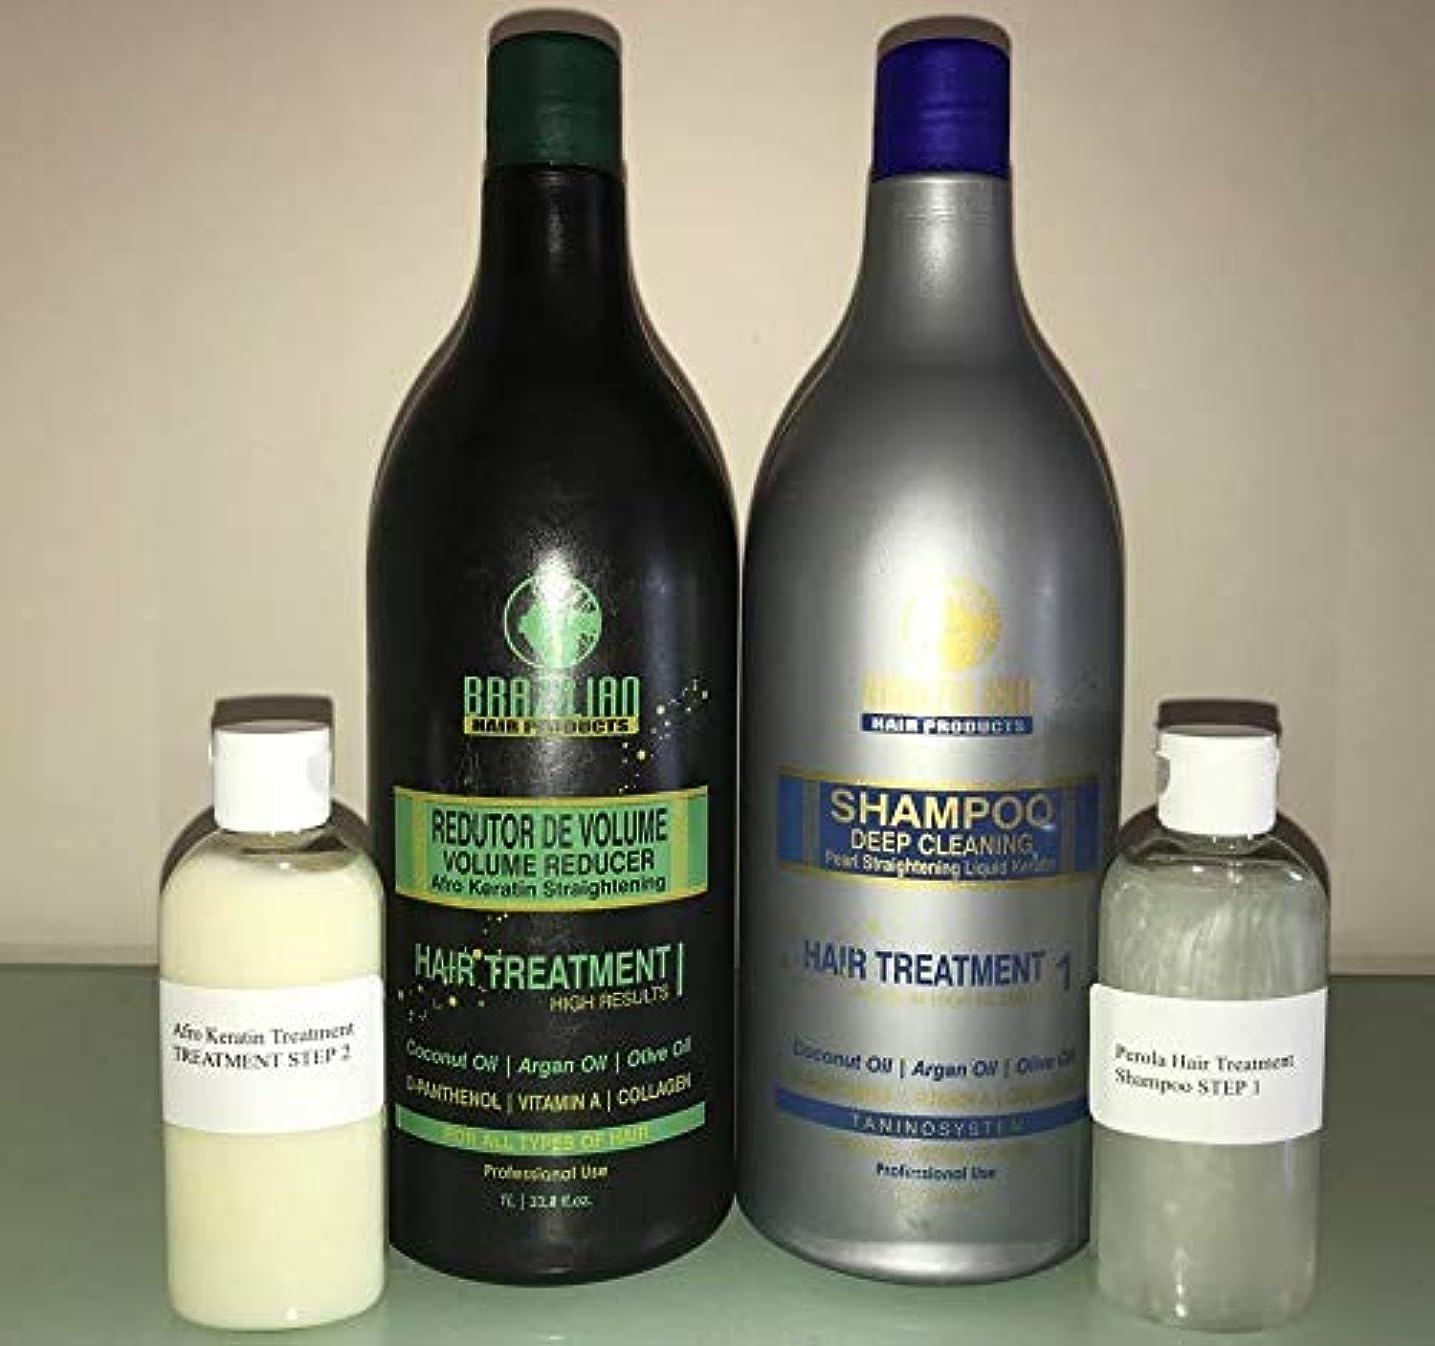 ブレス麦芽遅れアフロブラジルシステムケラチン毛矯正治療マルチサイズ (2 X 100ML シャンプーとケラチン)